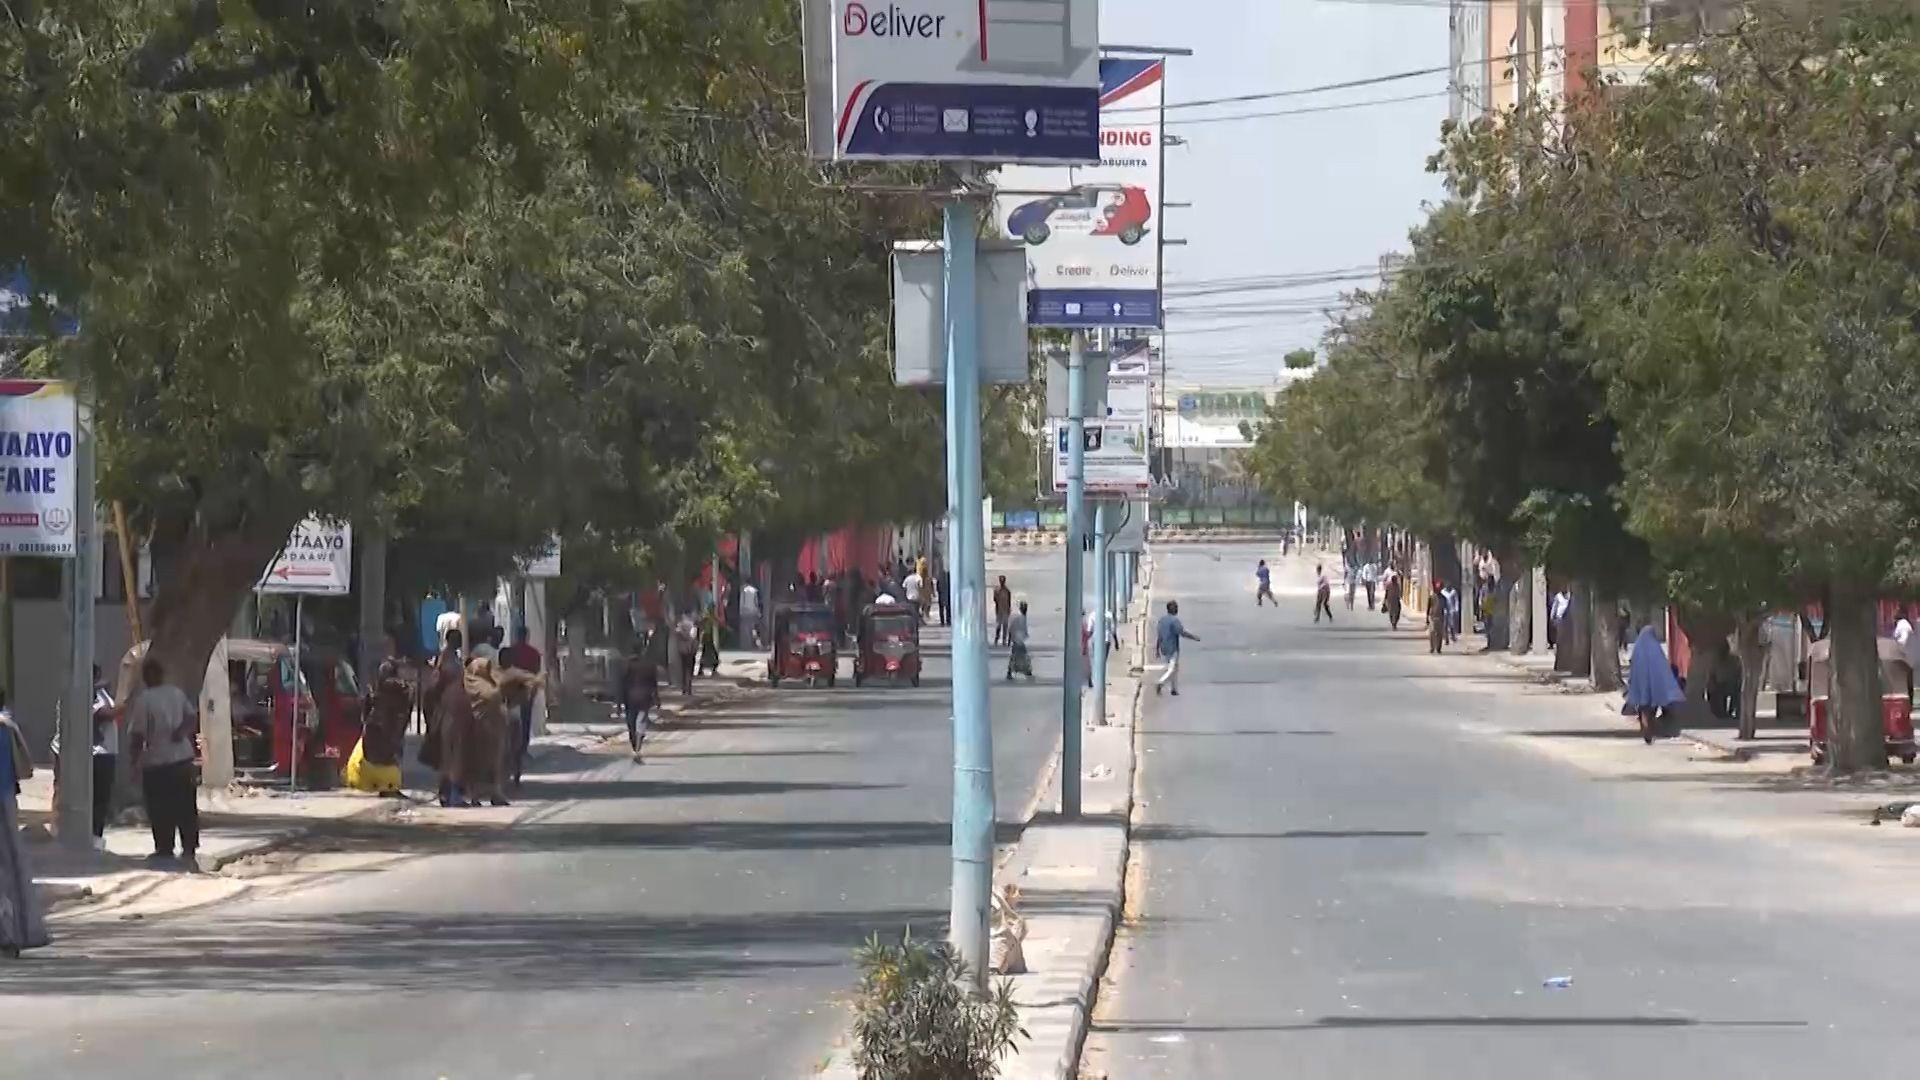 التلفزيون السوري الدفاعات الجوية تصدت لعدوان إسرائيلي في سماء دمشق In 2021 Street View Scenes Street